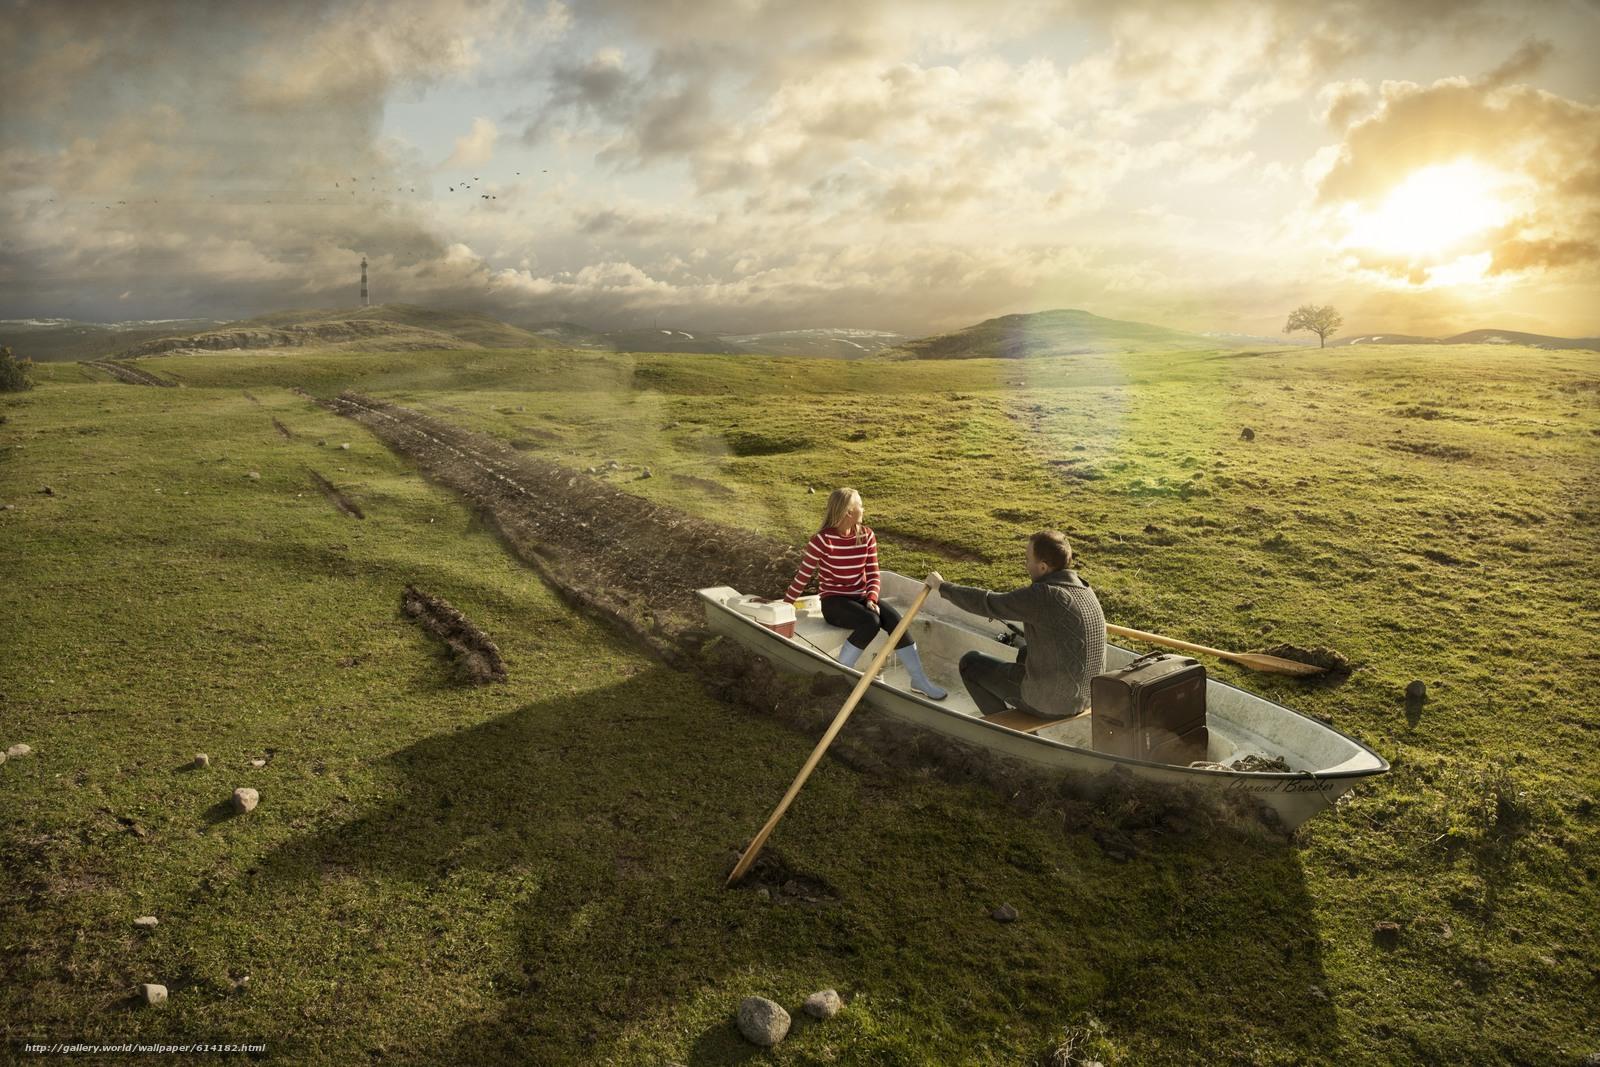 Скачать обои прикол,  юмор,  лодка,  вёсла бесплатно для рабочего стола в разрешении 2700x1800 — картинка №614182